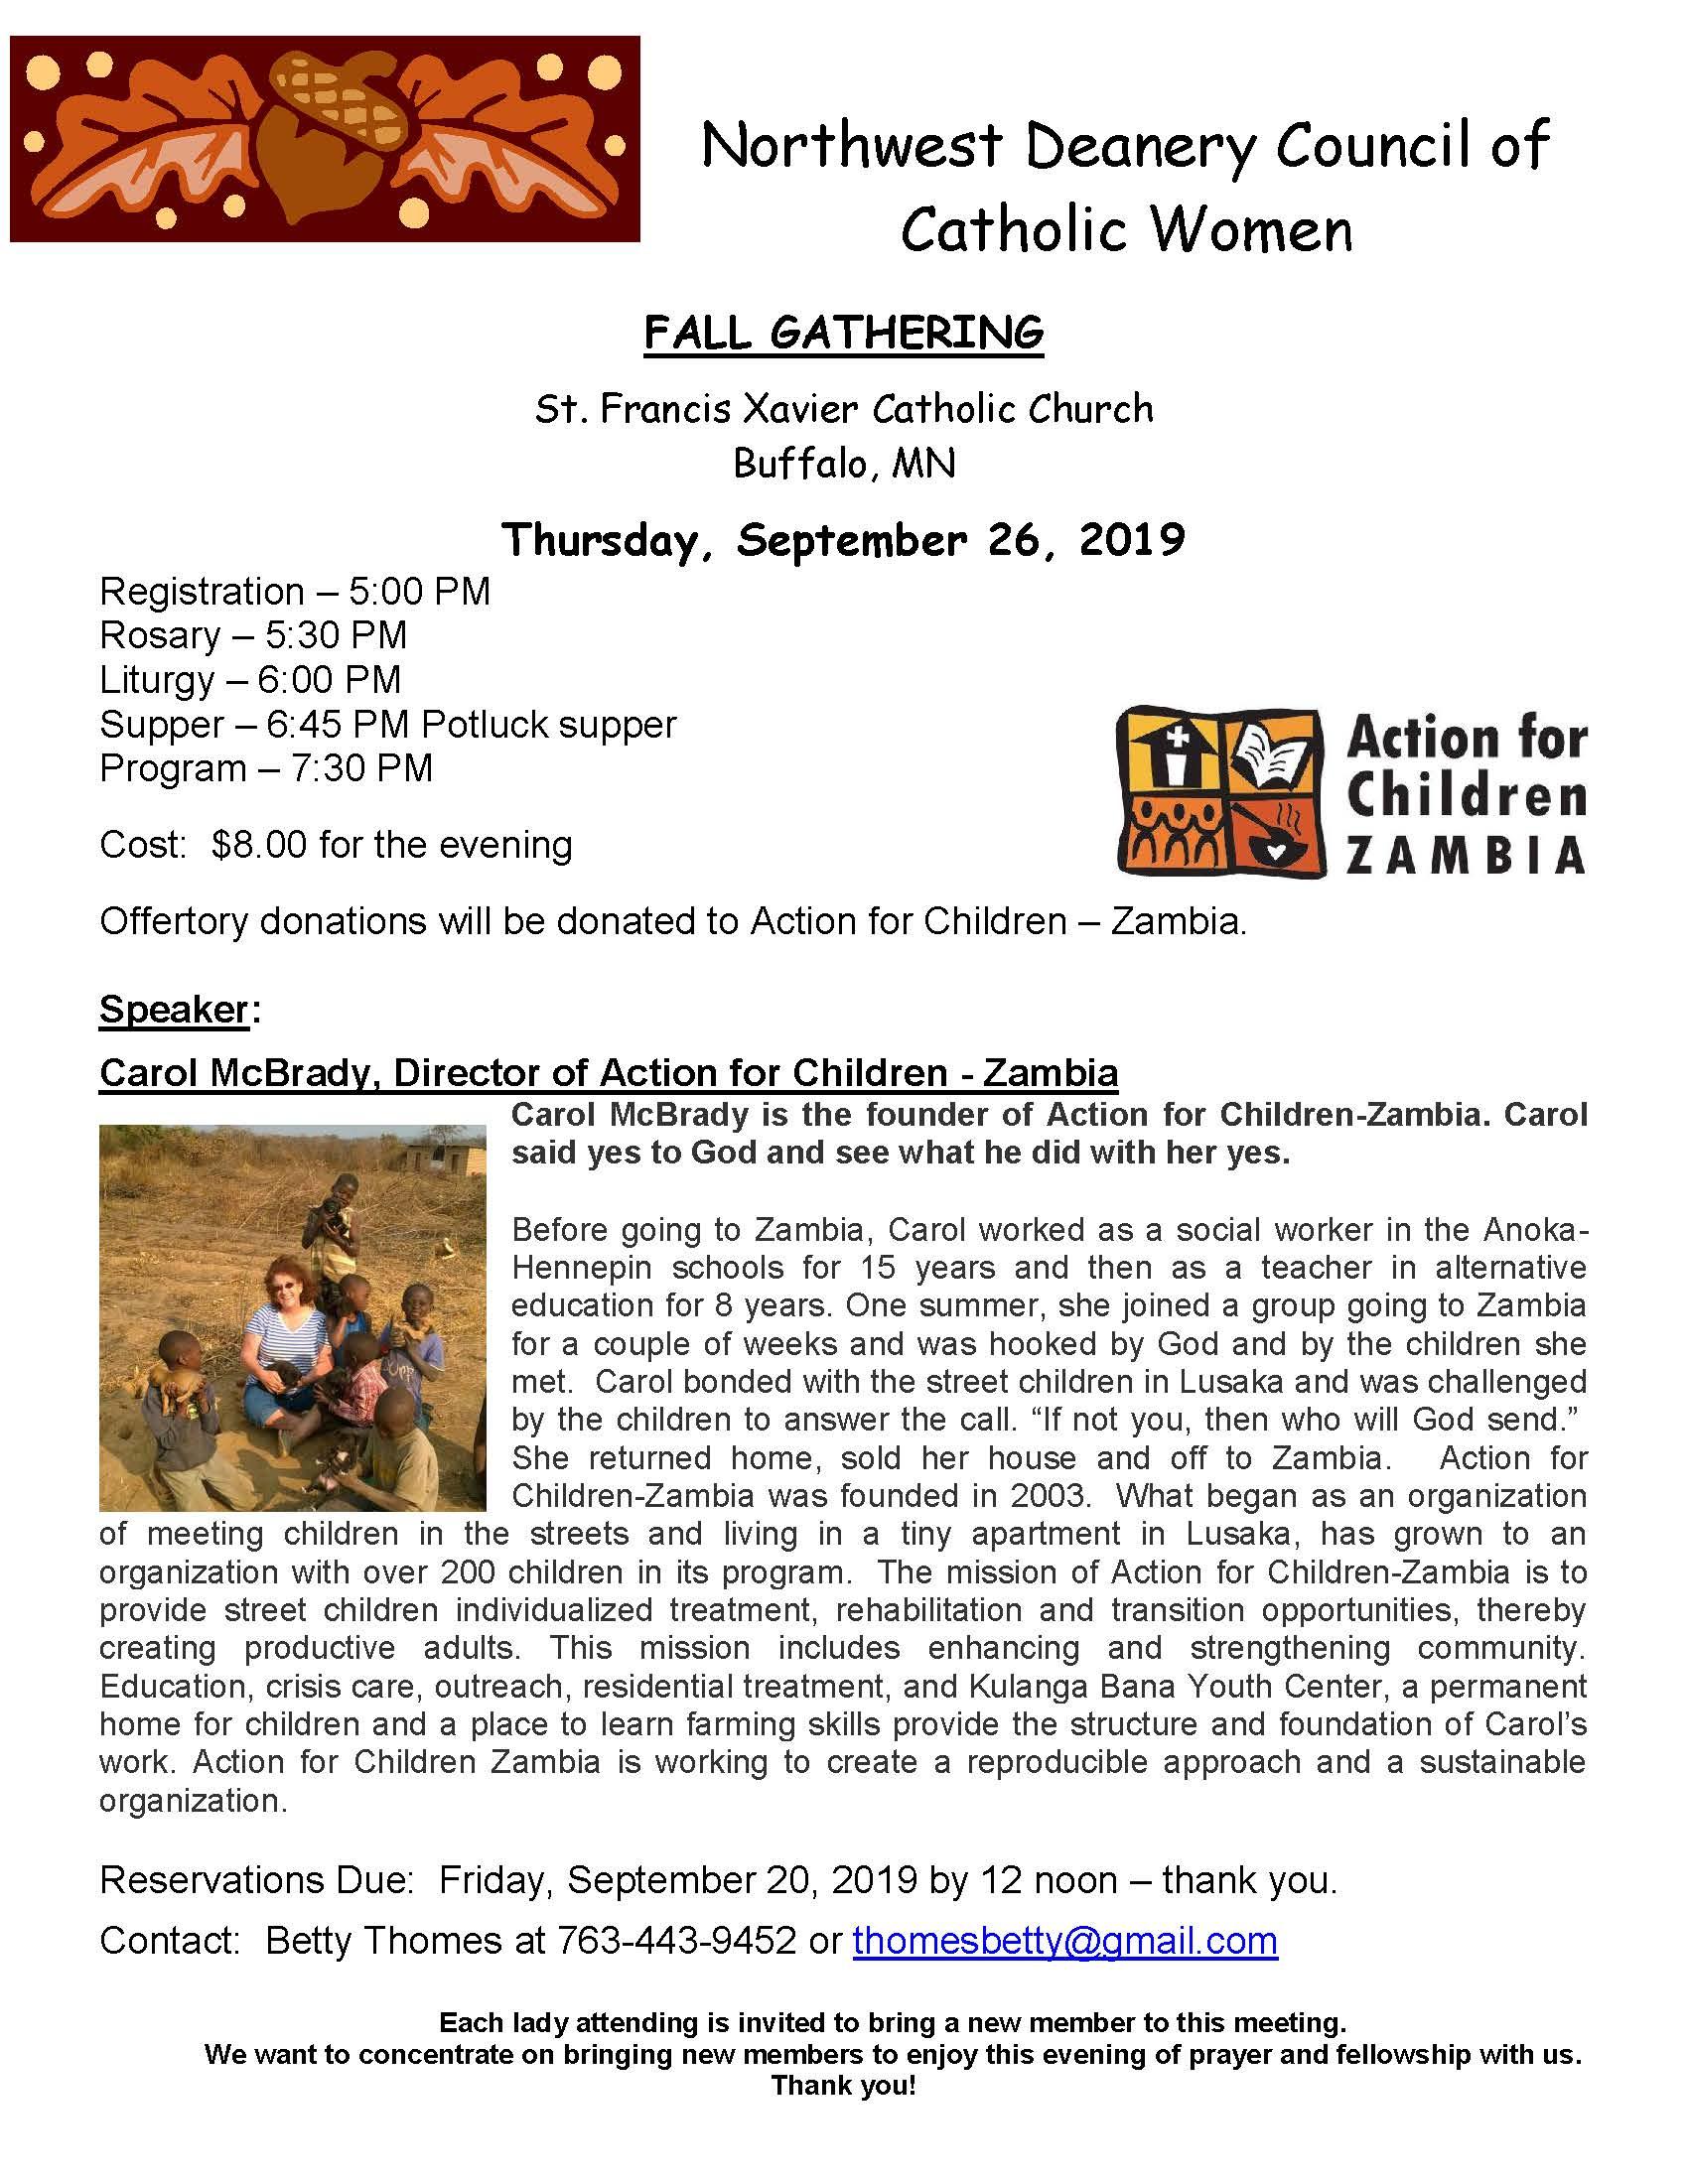 Flyer for Fall Gathering September 2019.jpg